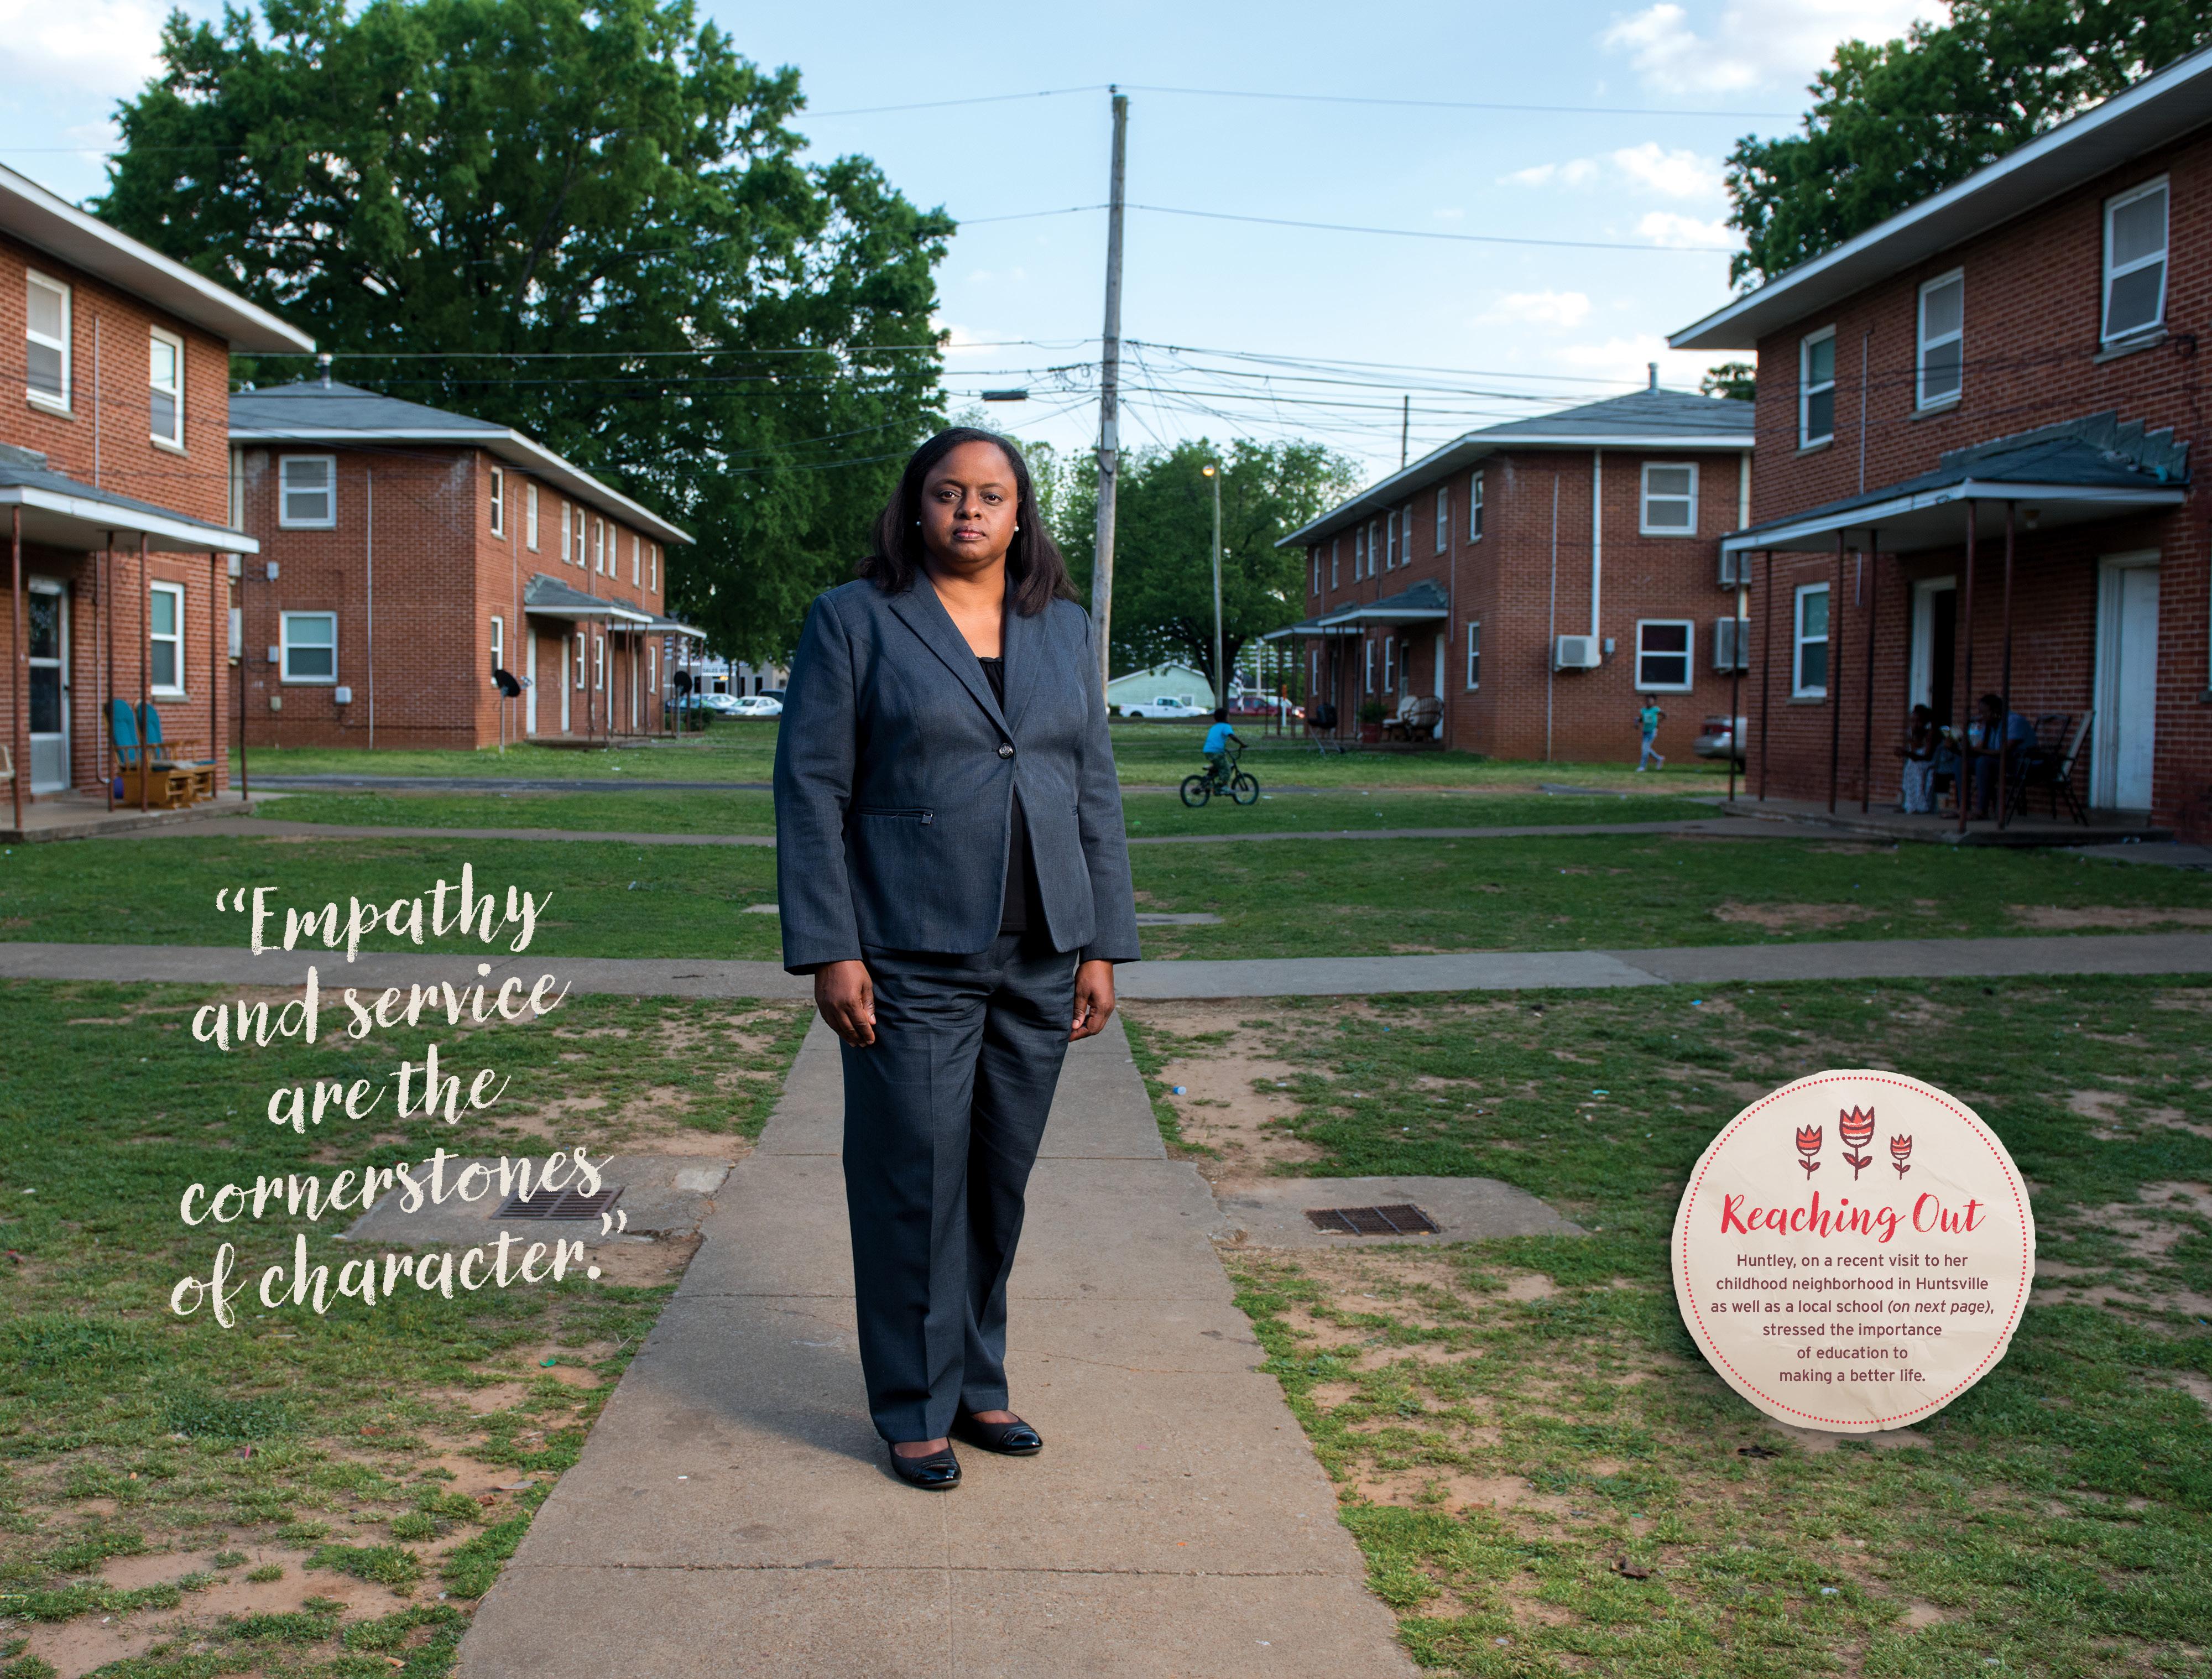 Liz Huntley in her childhood neighborhood;